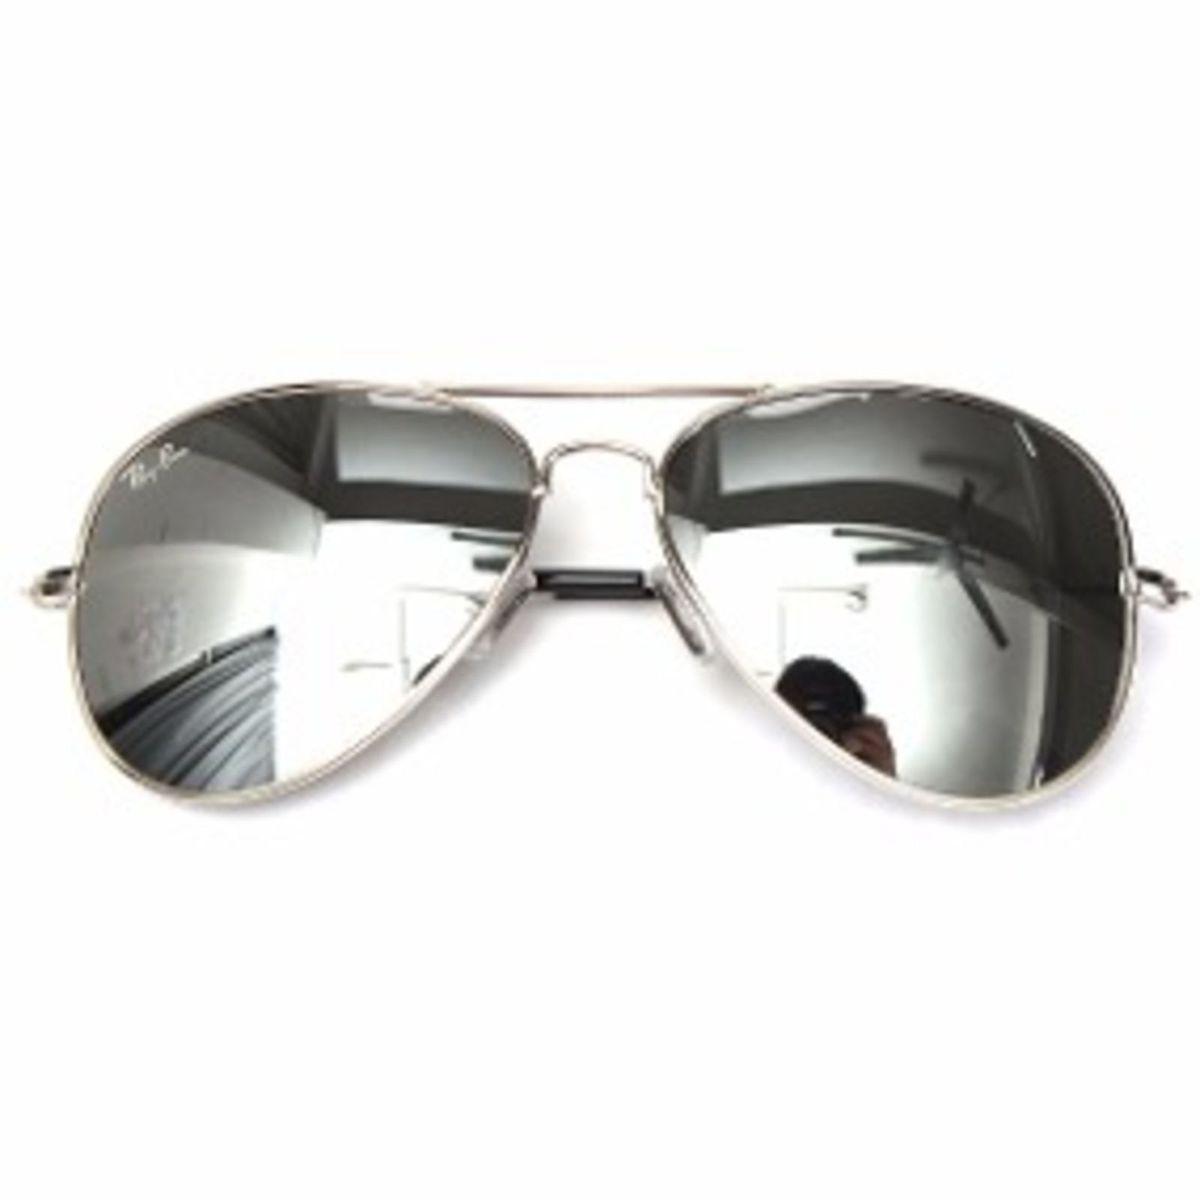 óculos de sol ray ban prata espelhado feminino masculino - óculos ray-ban 6abca3e595